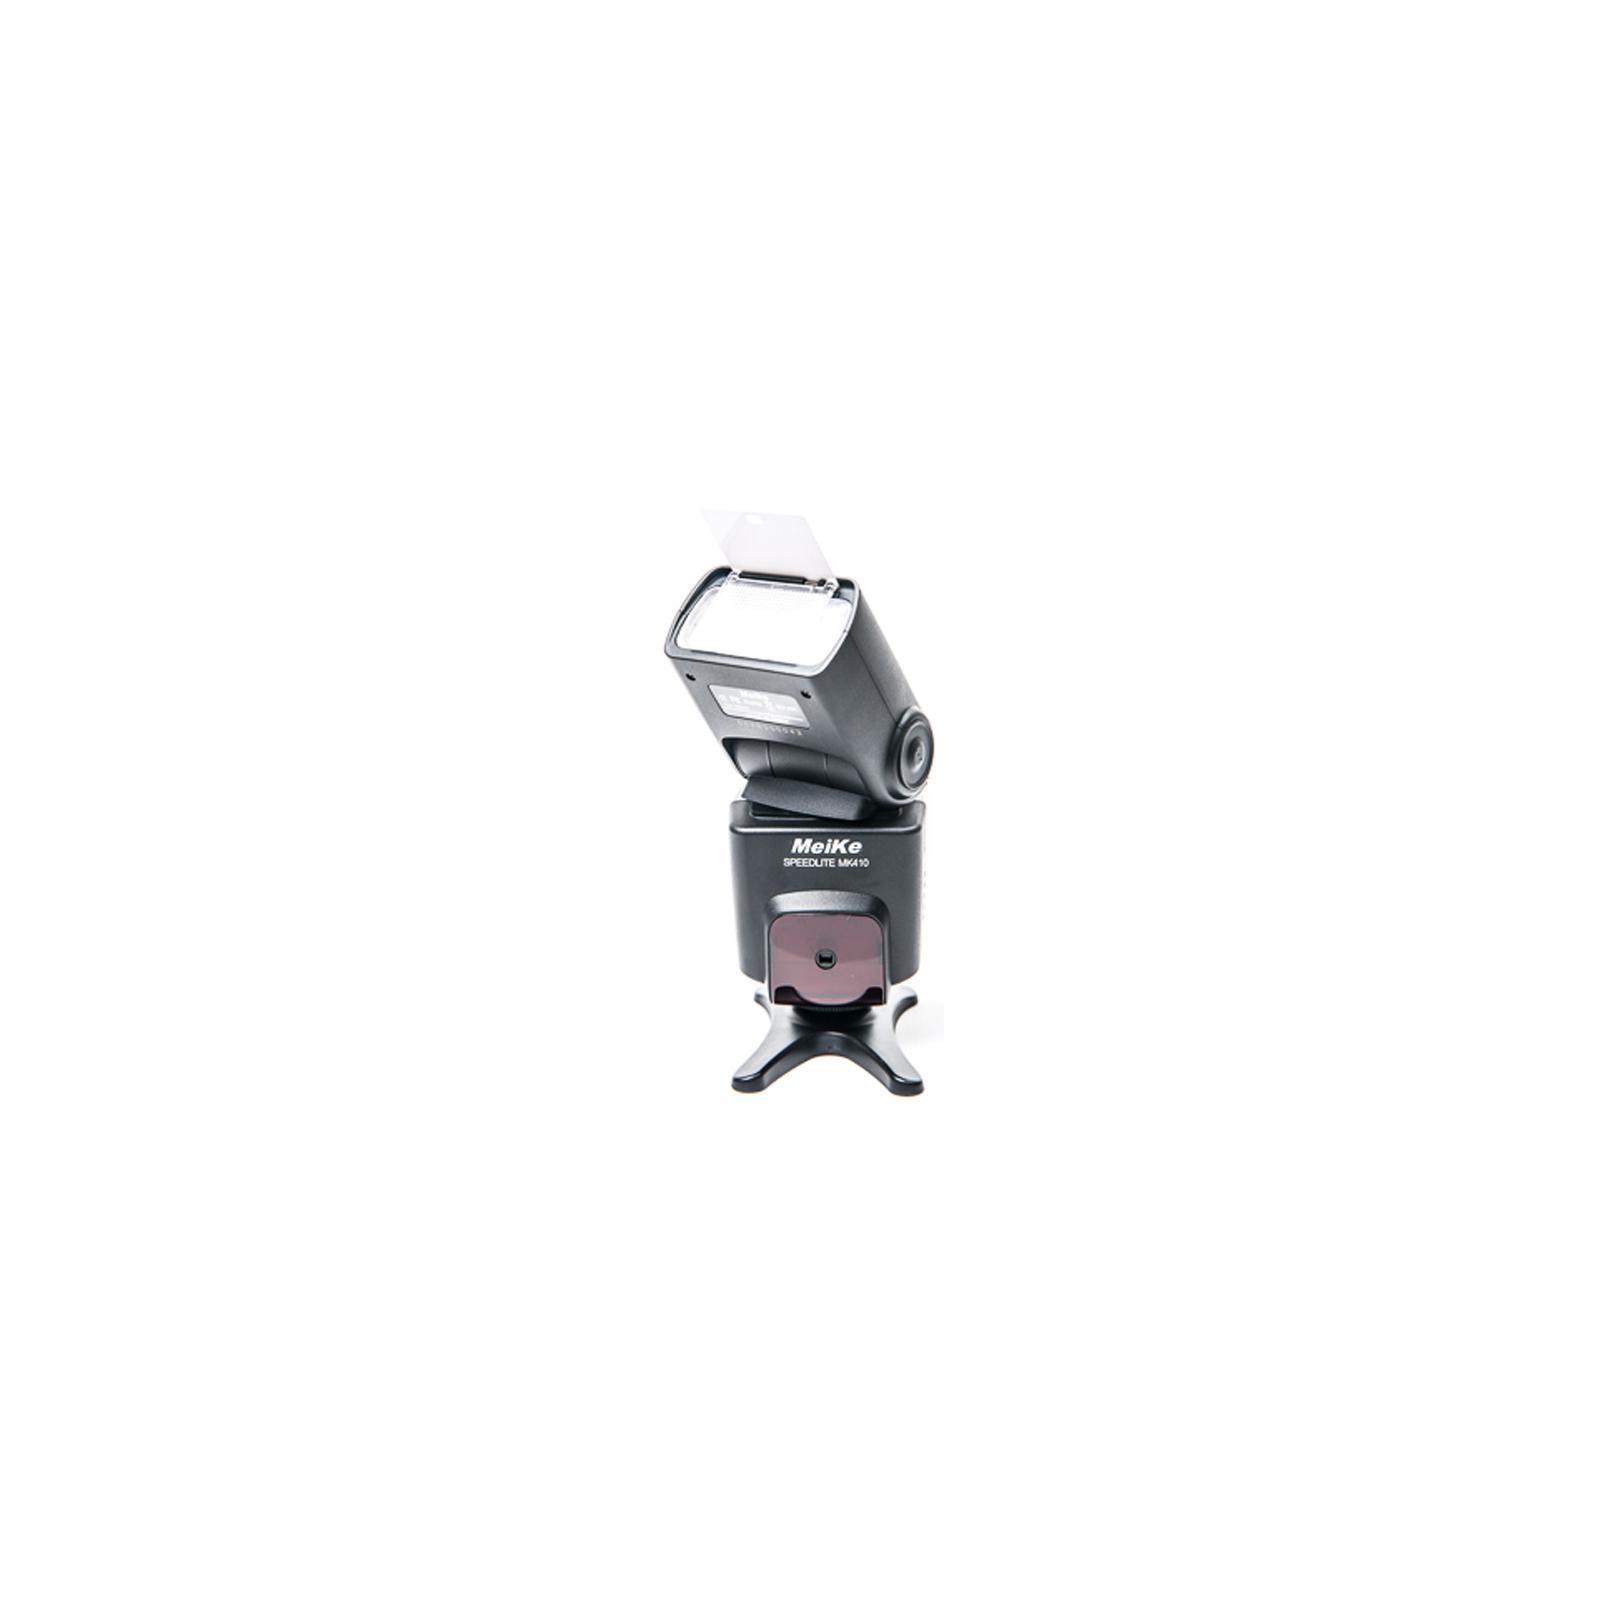 Вспышка Meike Canon 410c (SKW410C)